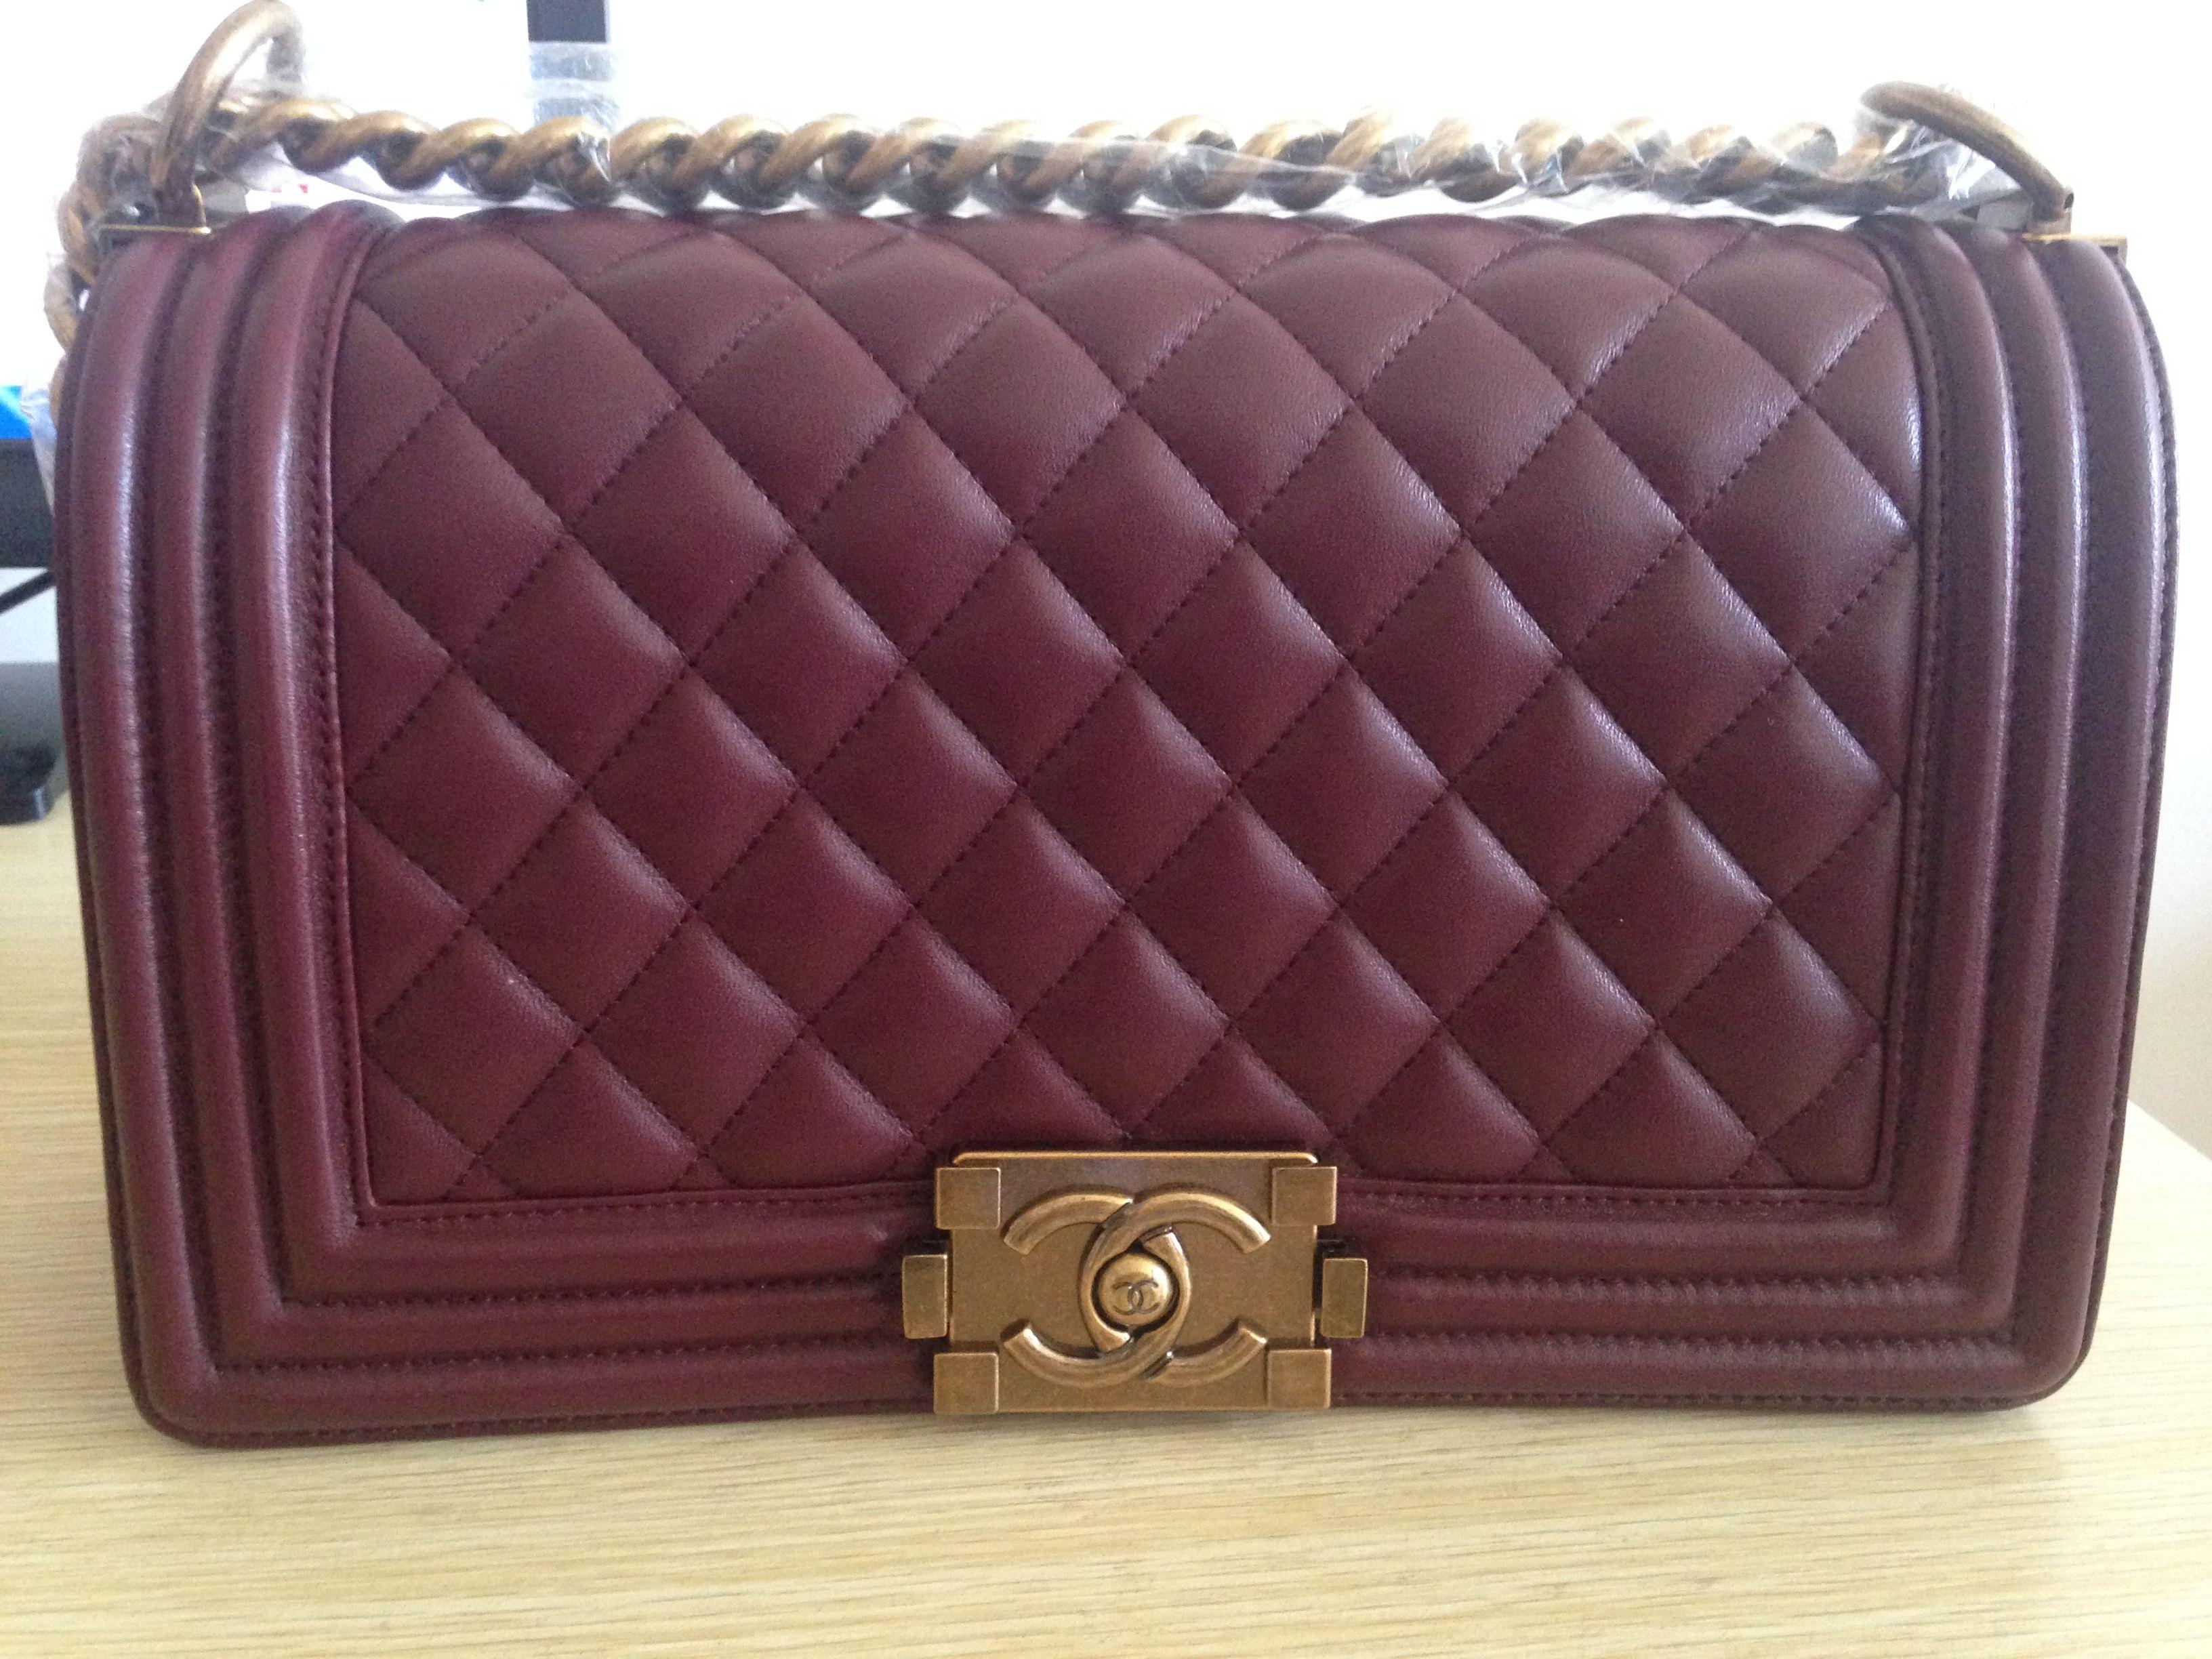 3f862db56023ea Chanel Medium Le Boy Flap Bag In Burgundy Email: winnie@shoescrazy.net